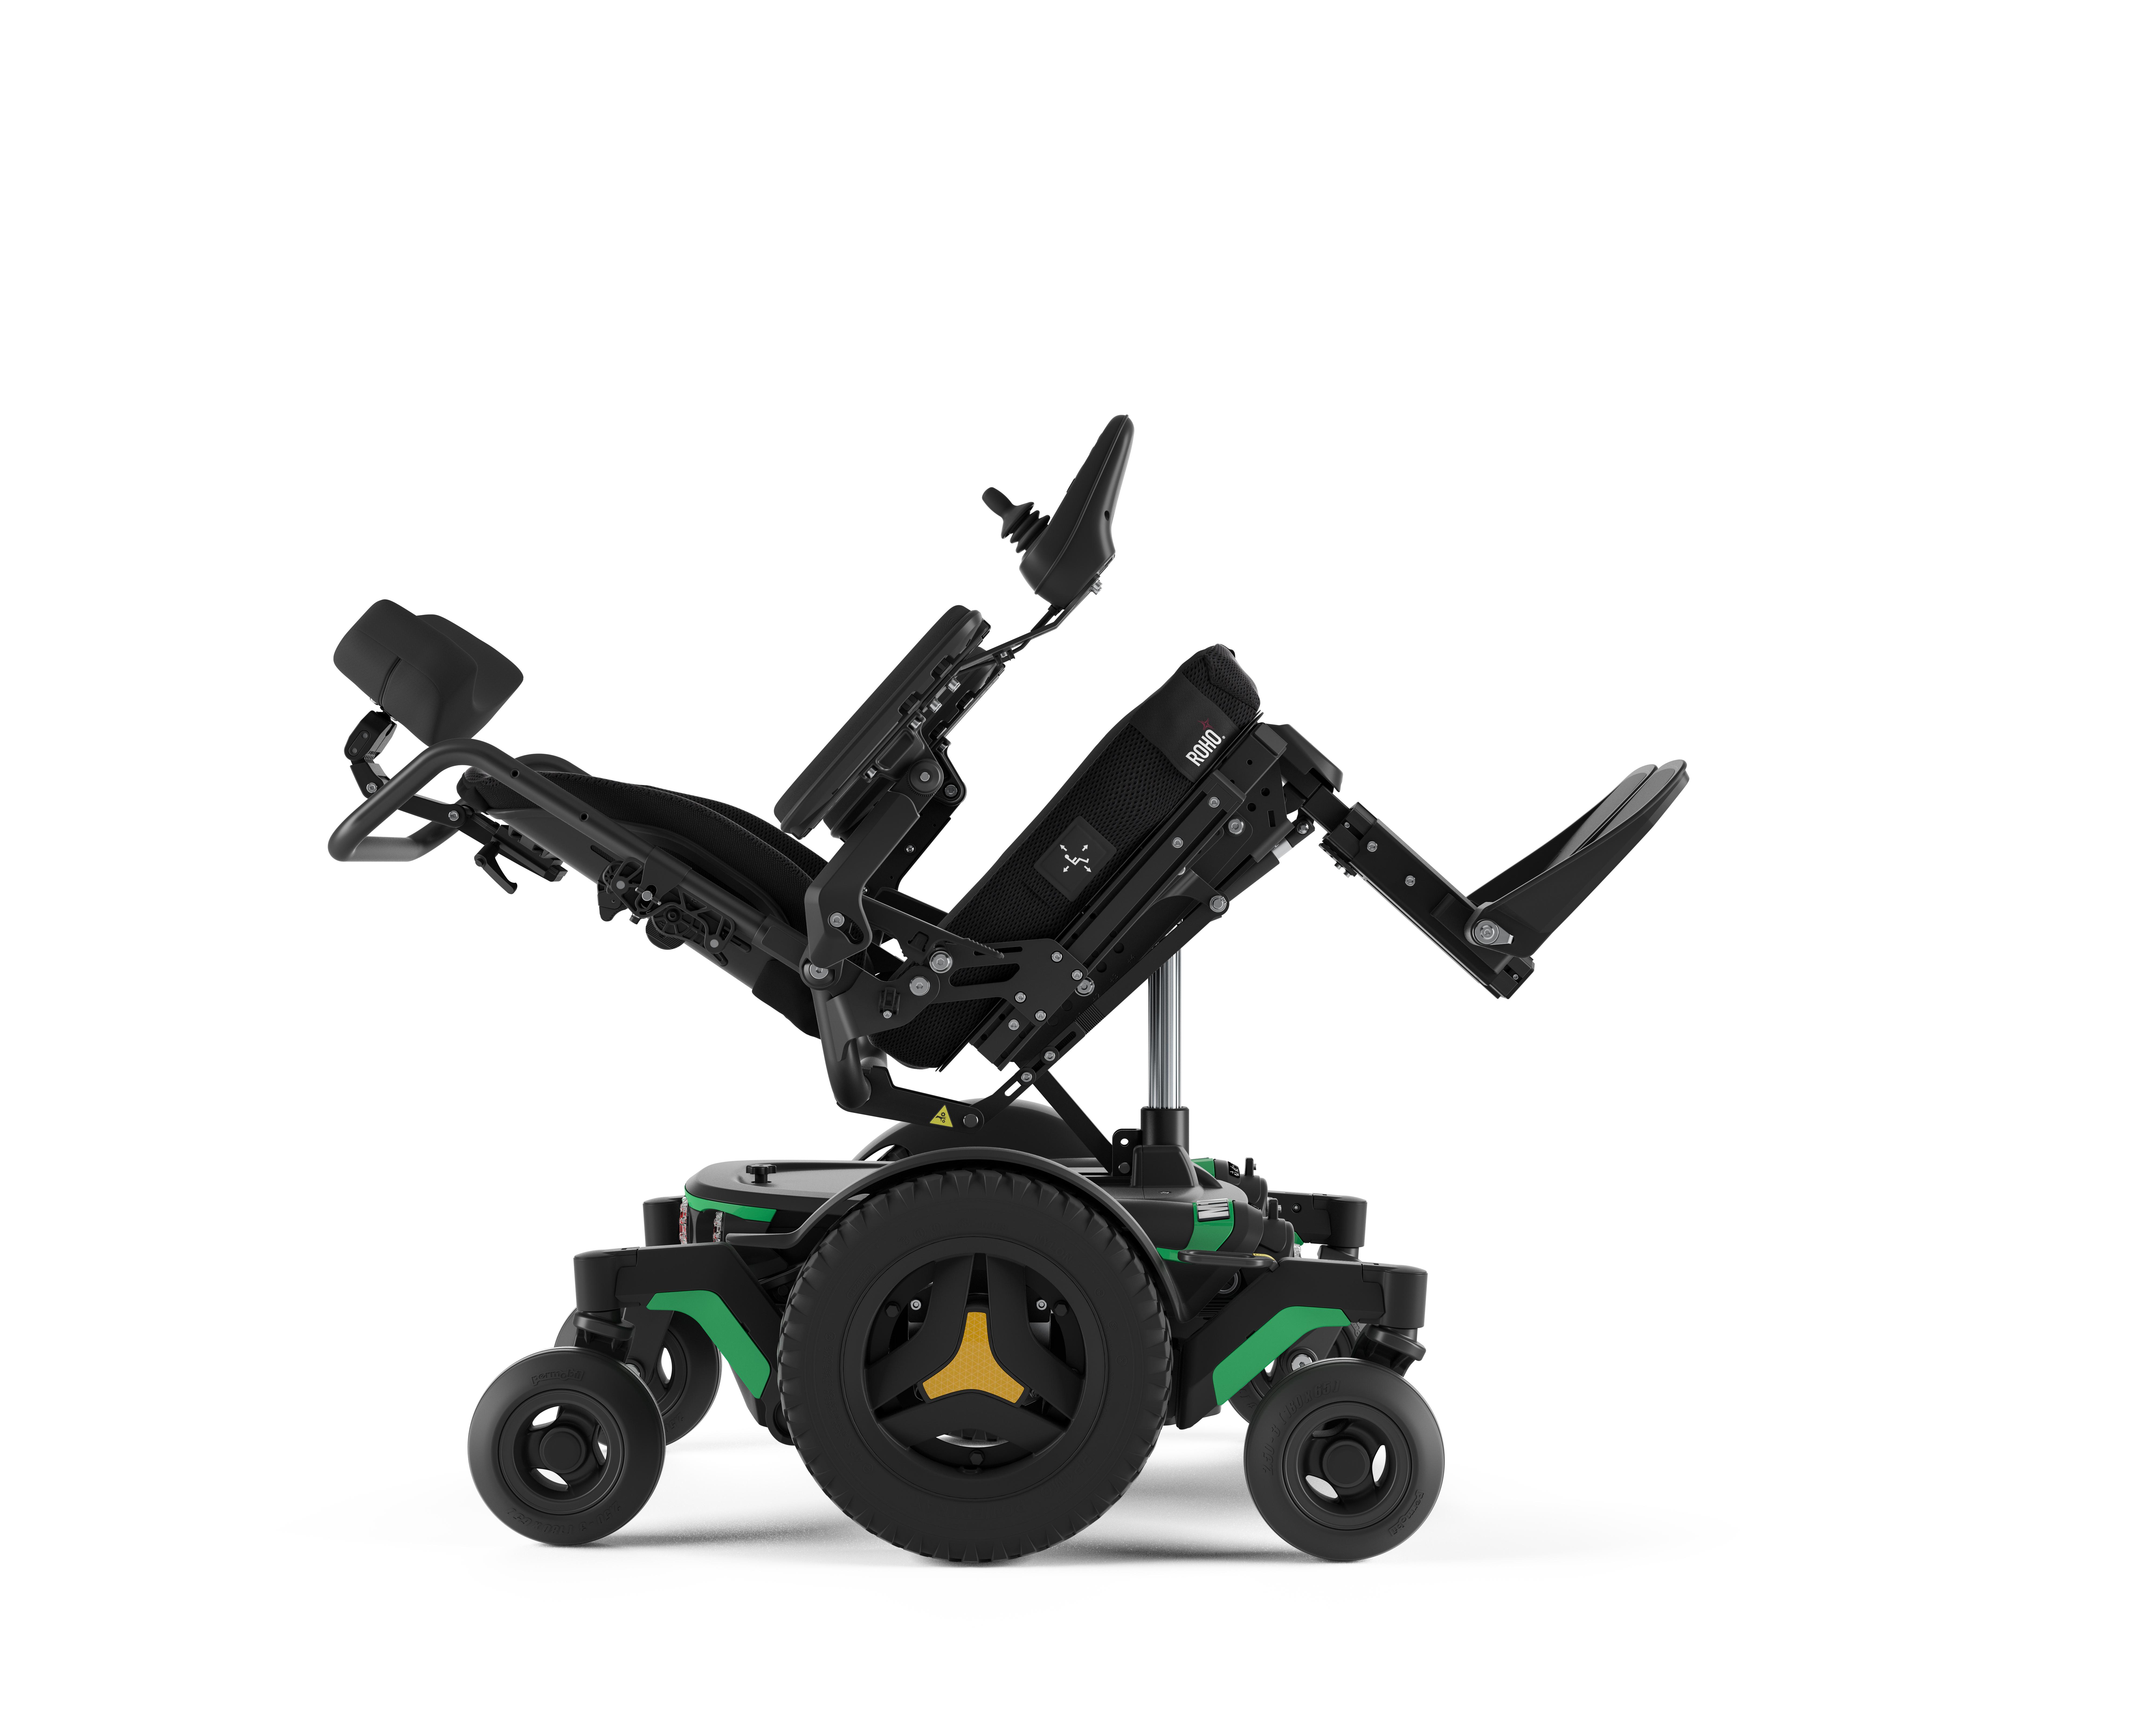 m1 indoor powerchairs in green